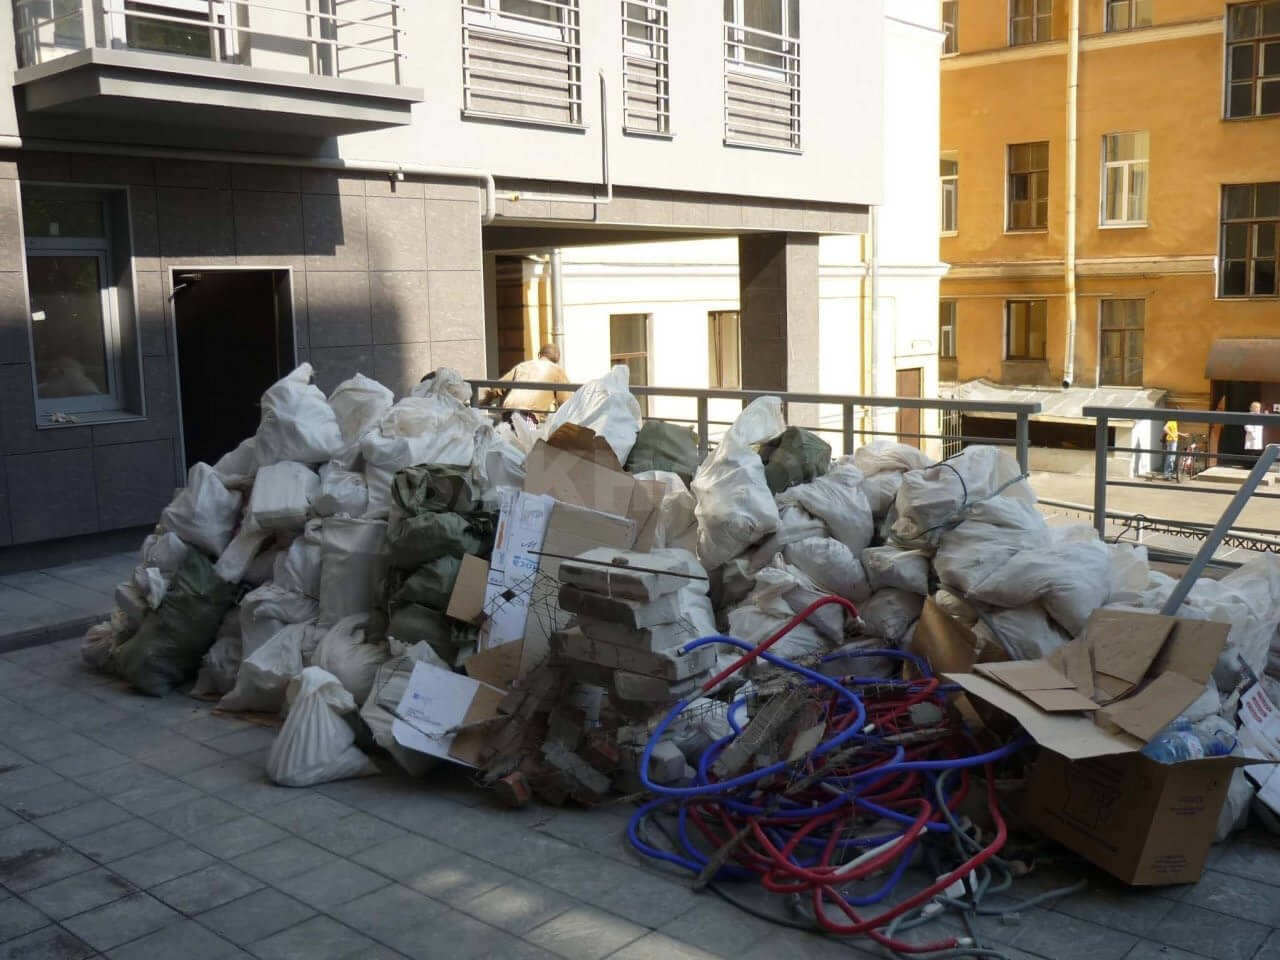 можно ли выкидывать строительный мусор на мусорку